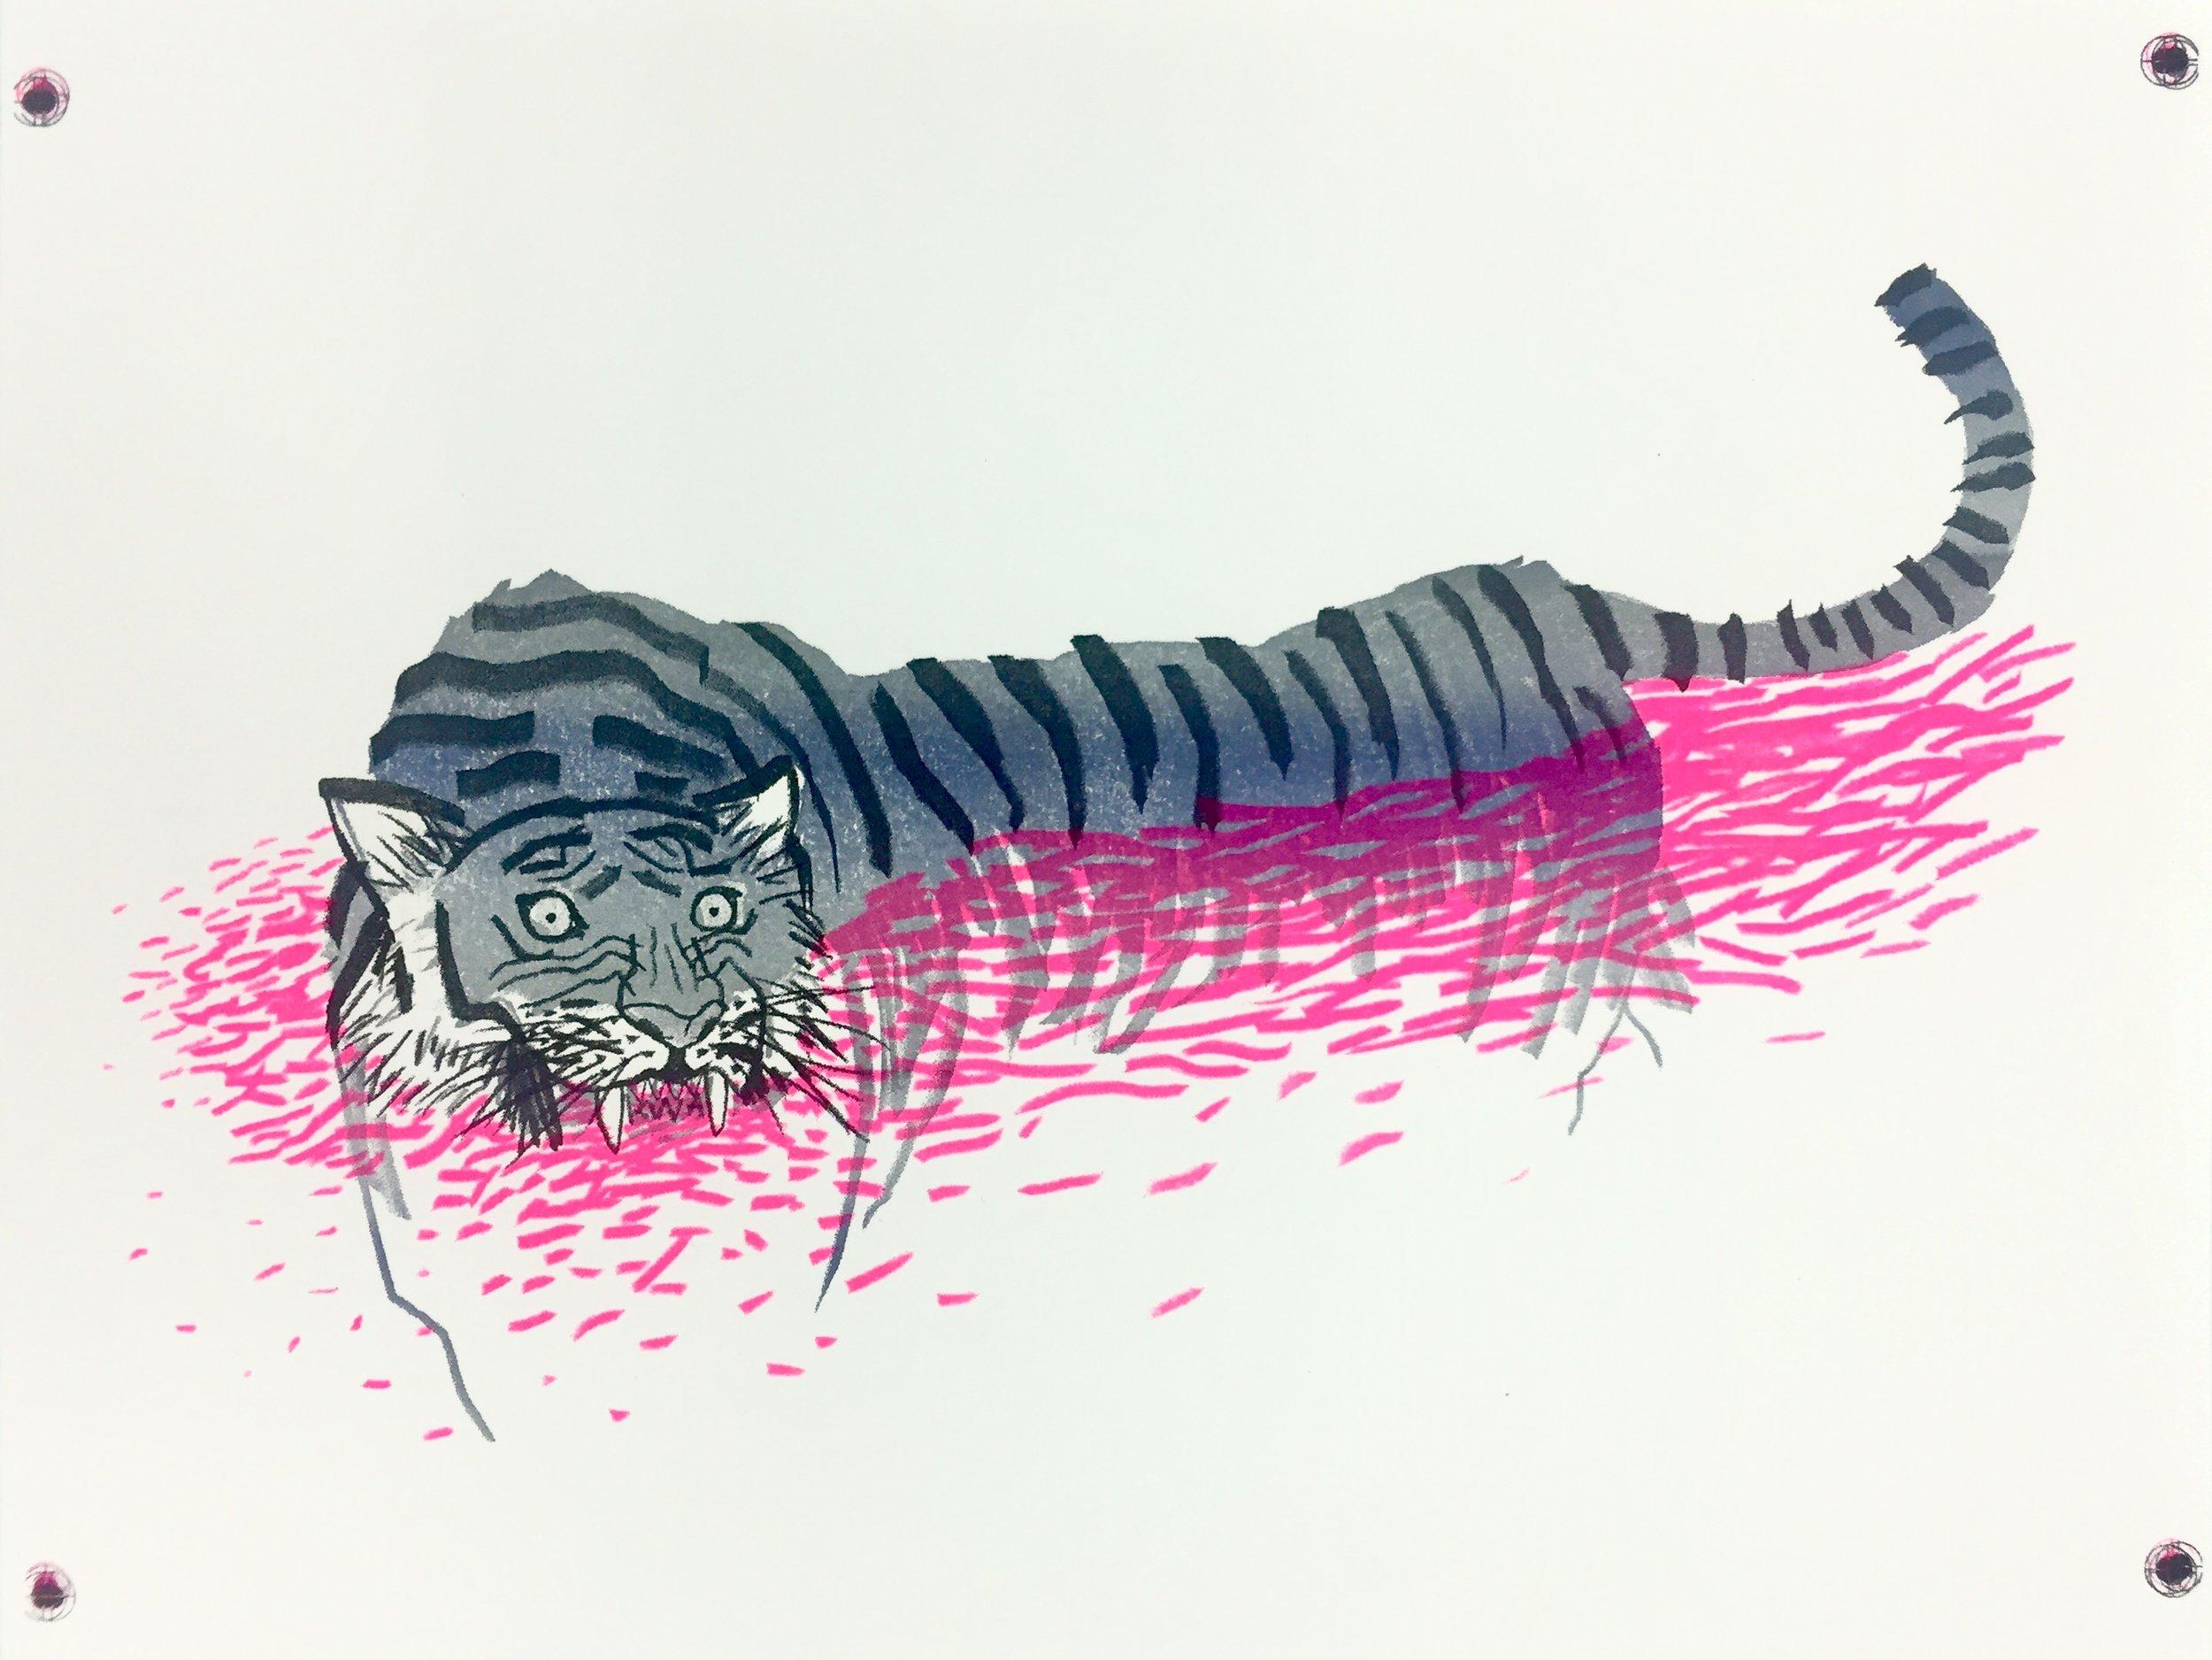 2016-11-13 tiger 1.jpg